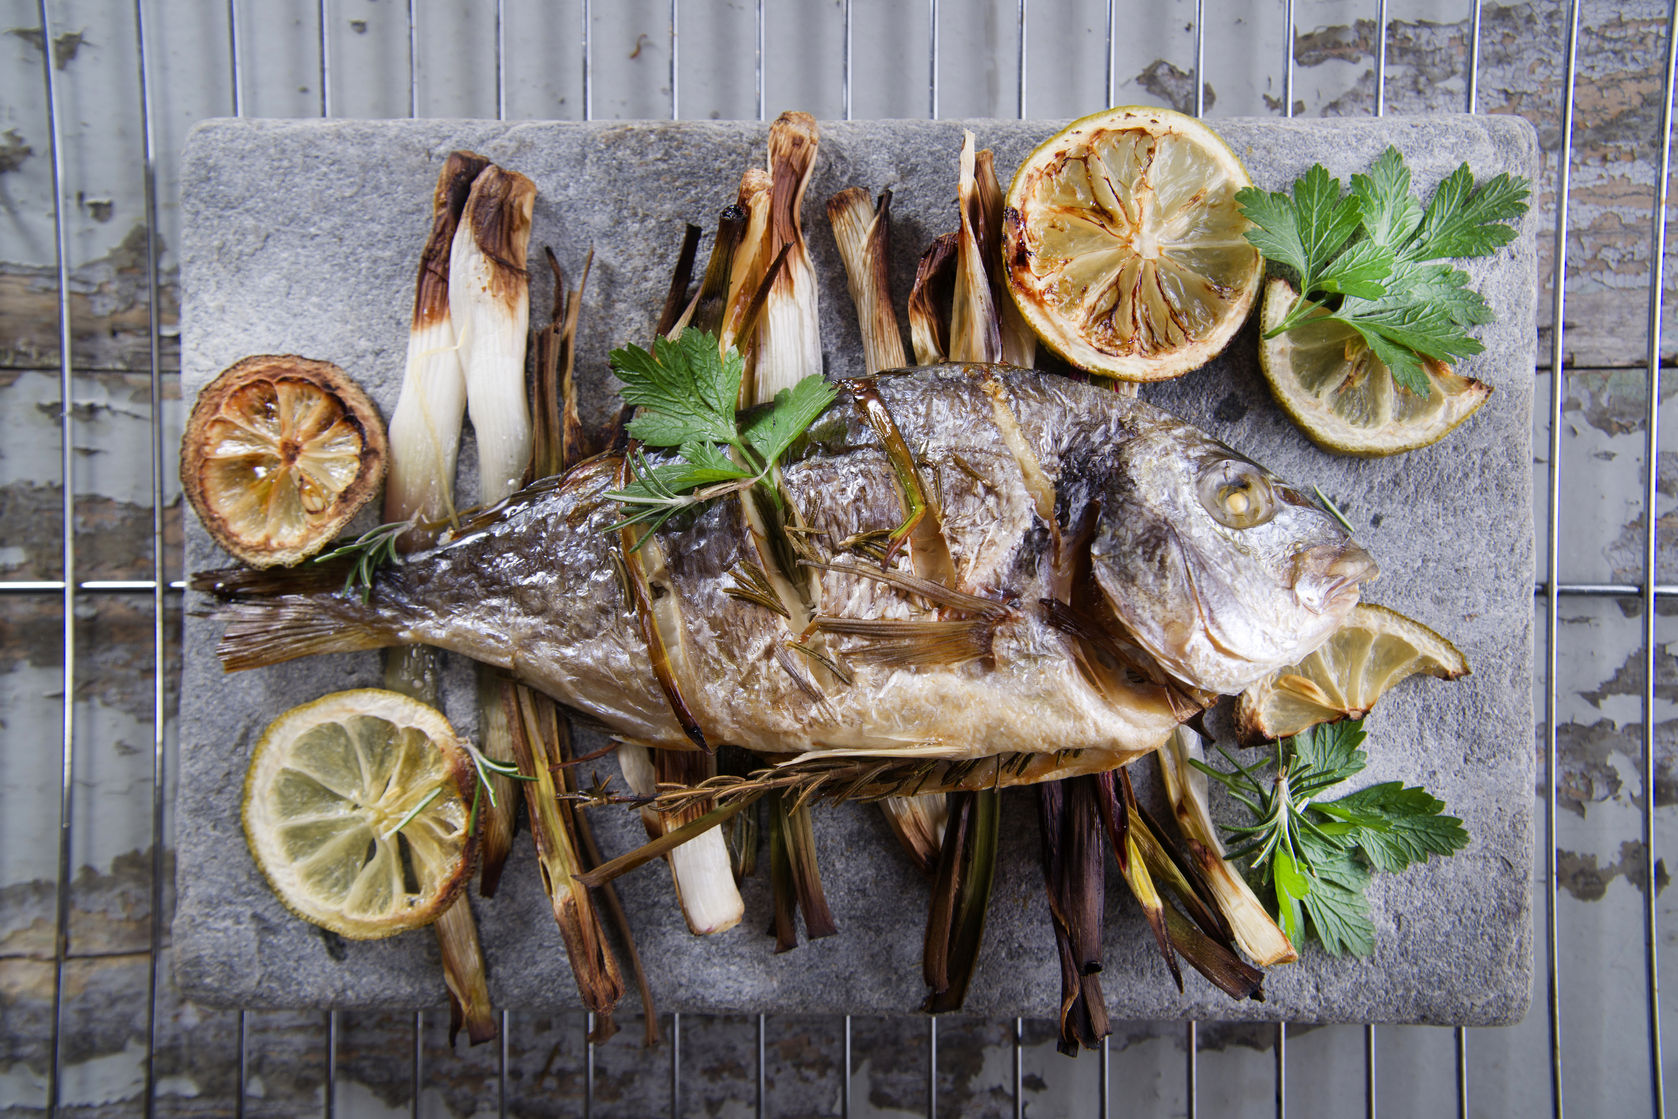 Jak wybrać dobrą rybę?